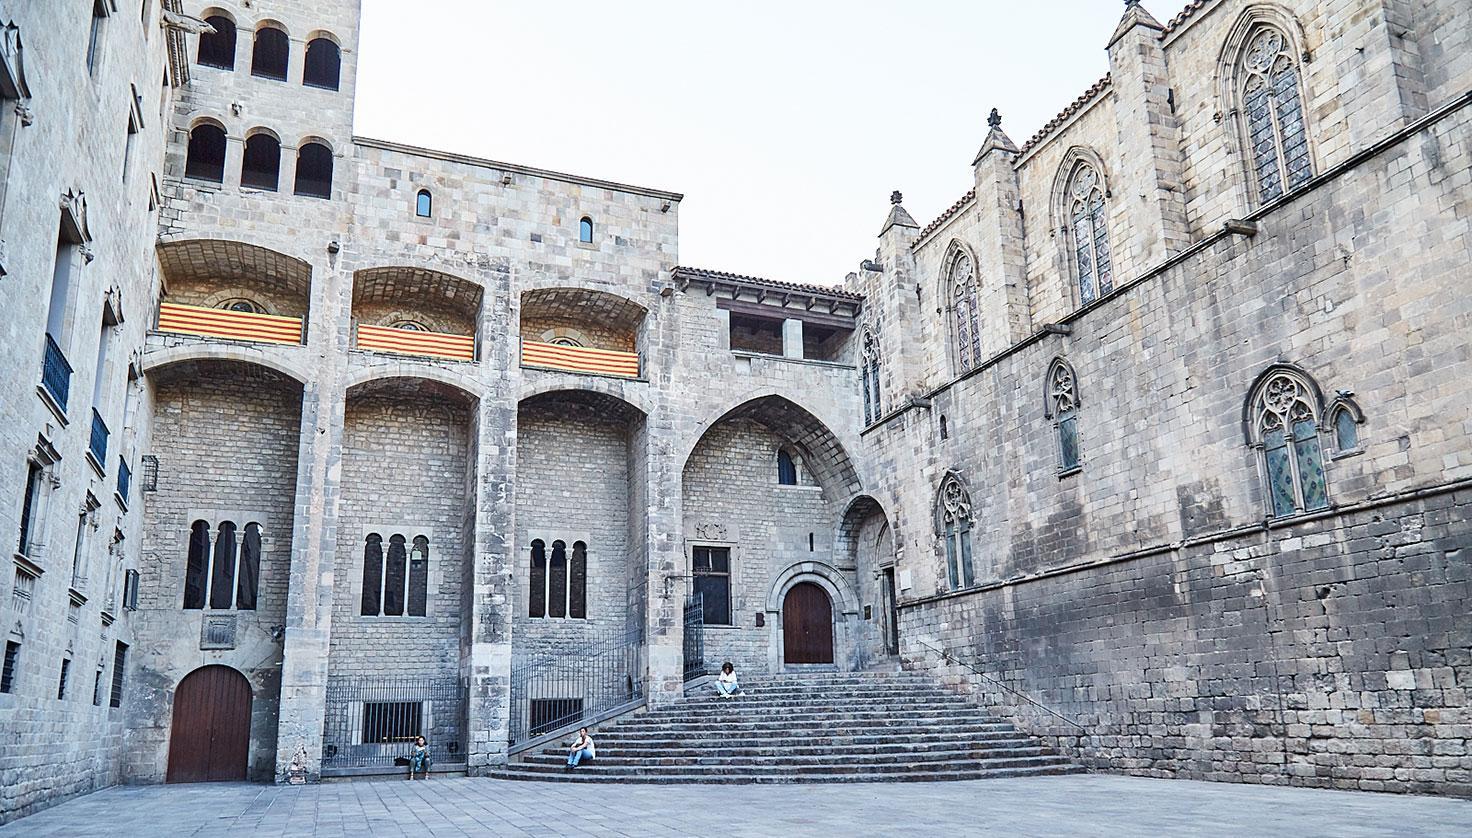 Foto Saló del Tinell - Capella de Santa Àgata - Mirador - Plaça del Rei